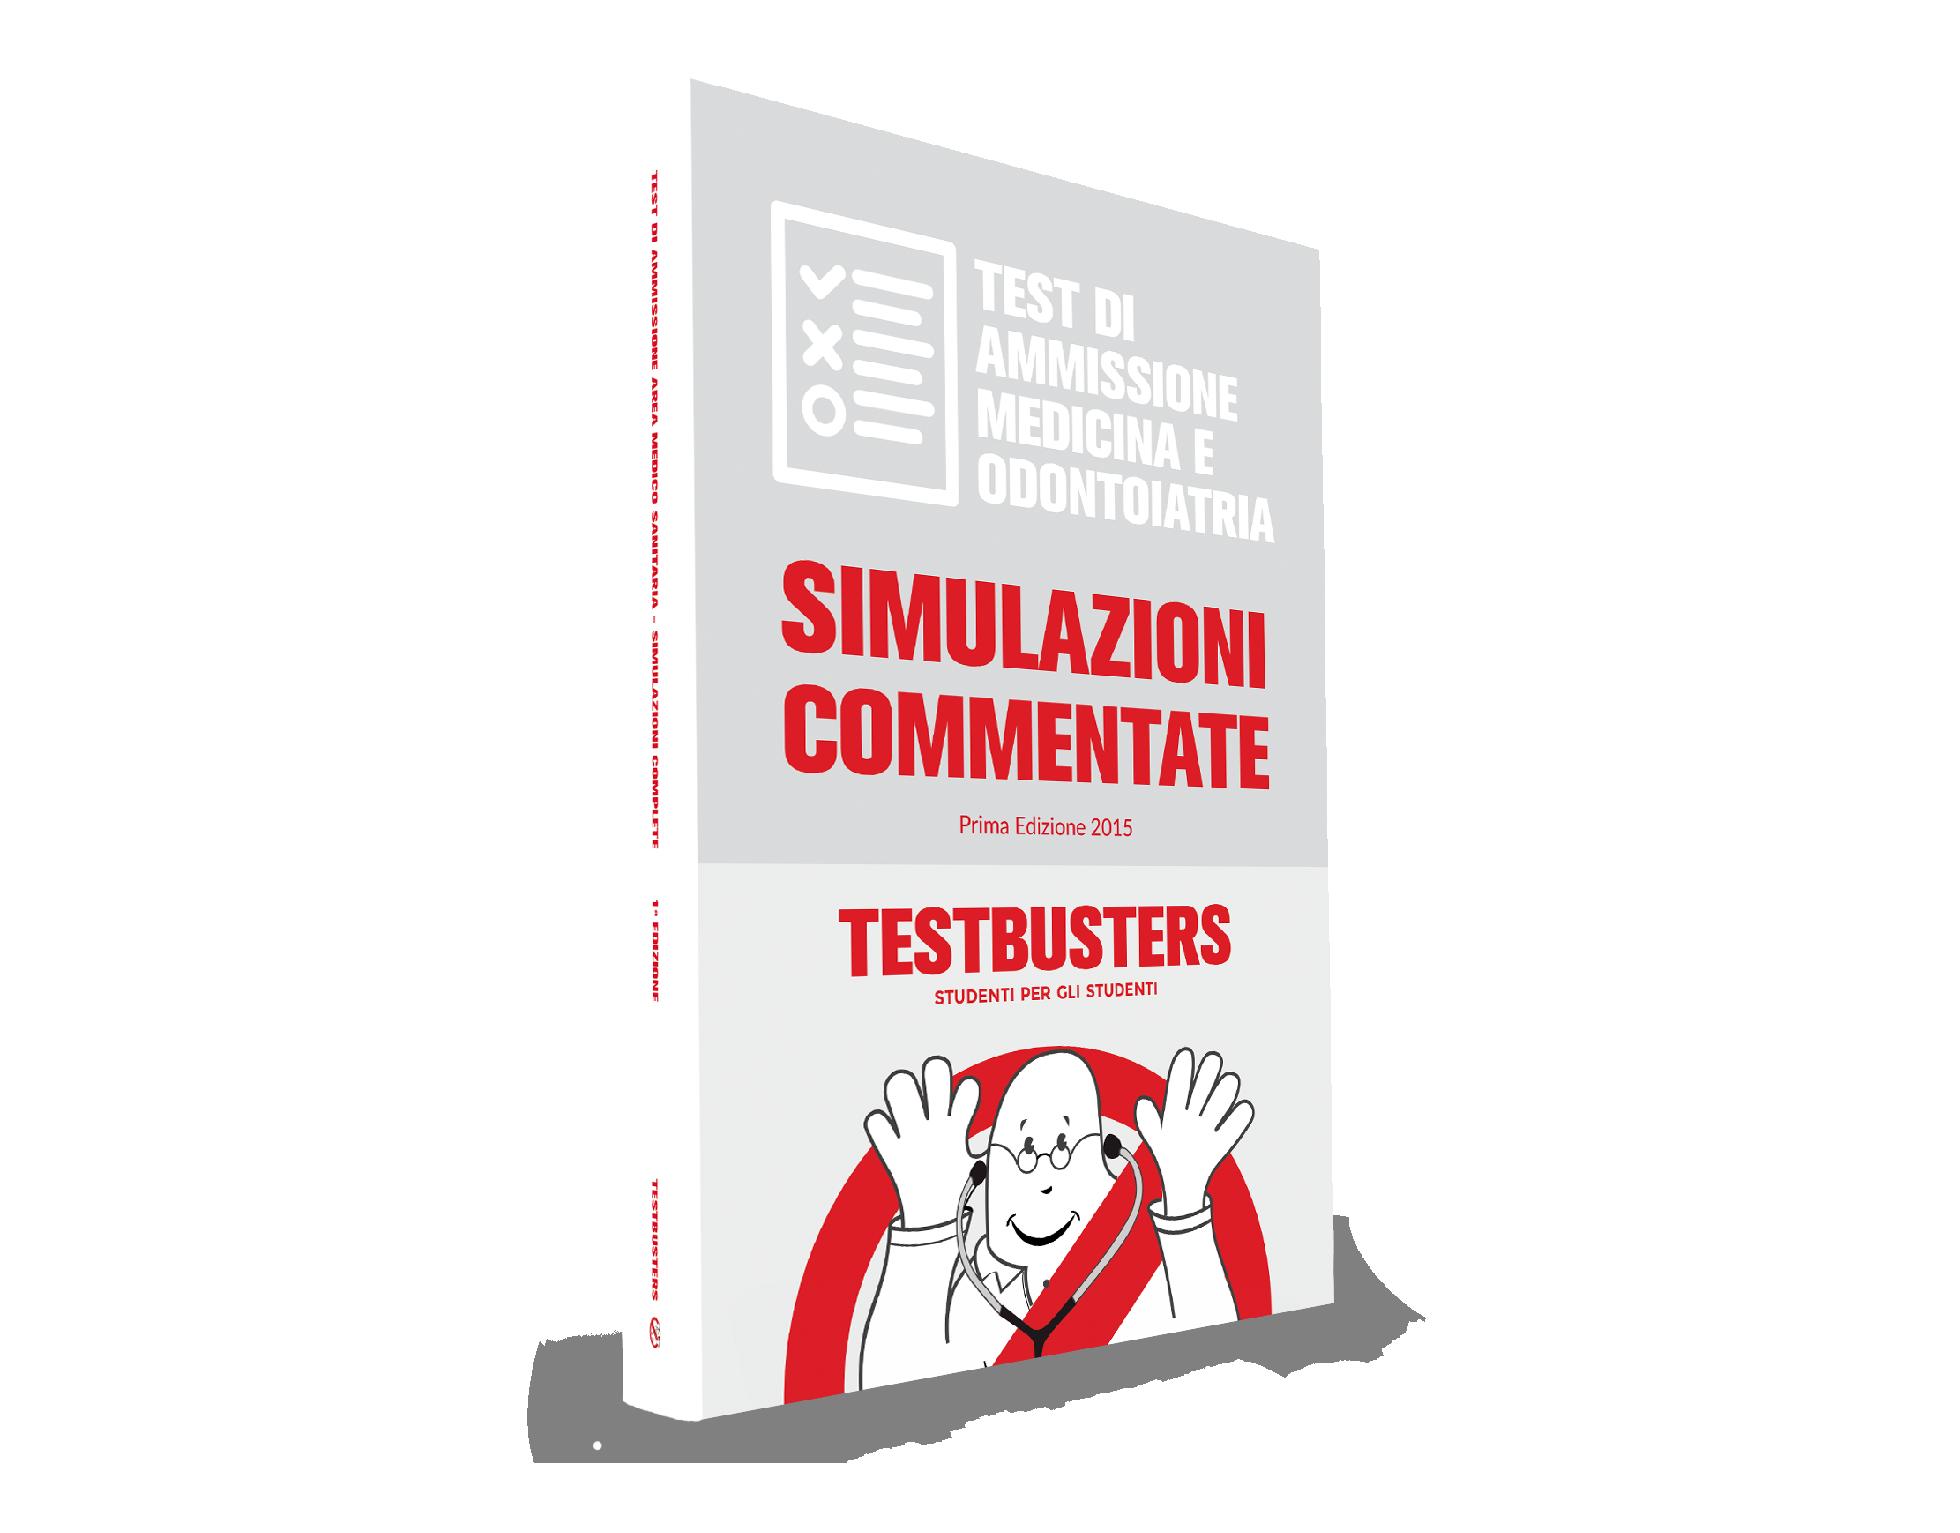 TESTBUSTERS TEST DI AMMISSIONE MEDICINA E ODONTOIATRIA SIMULAZIONI COMMENTATE